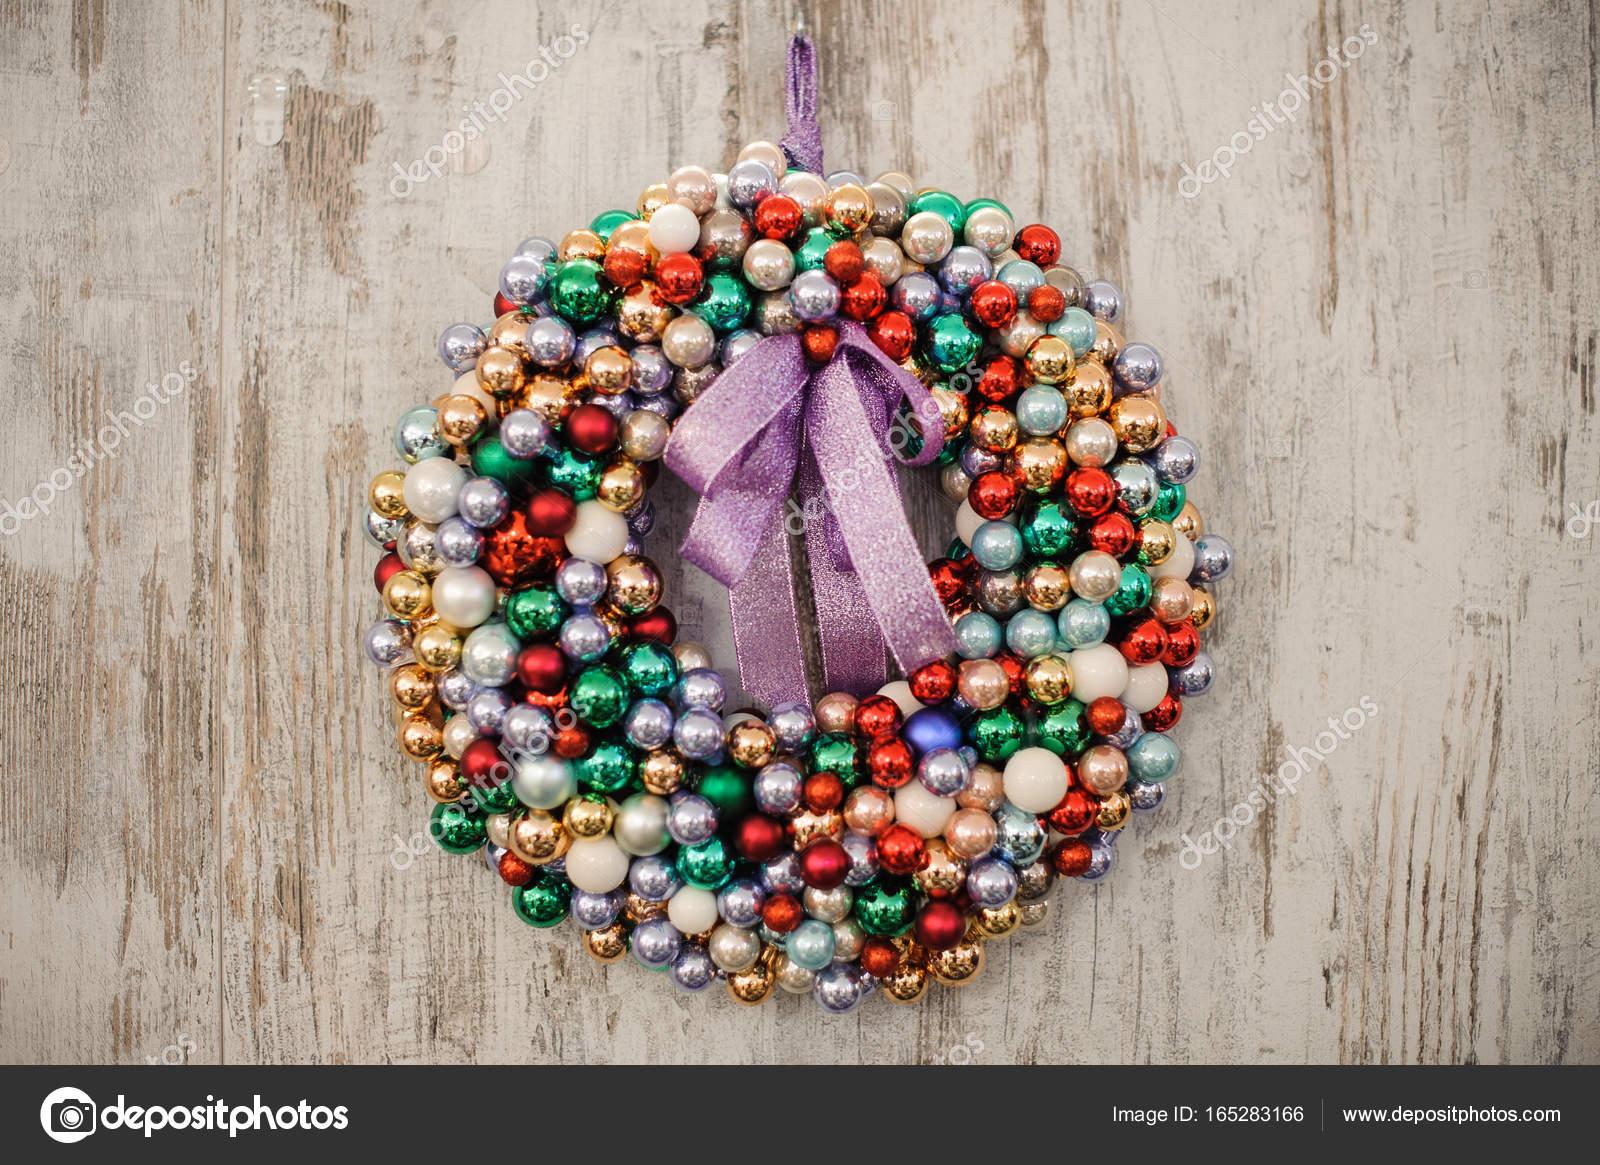 Kranz Aus Weihnachtskugeln.Bunte Kranz Dekoration Weihnachtskugeln Auf Holzernen